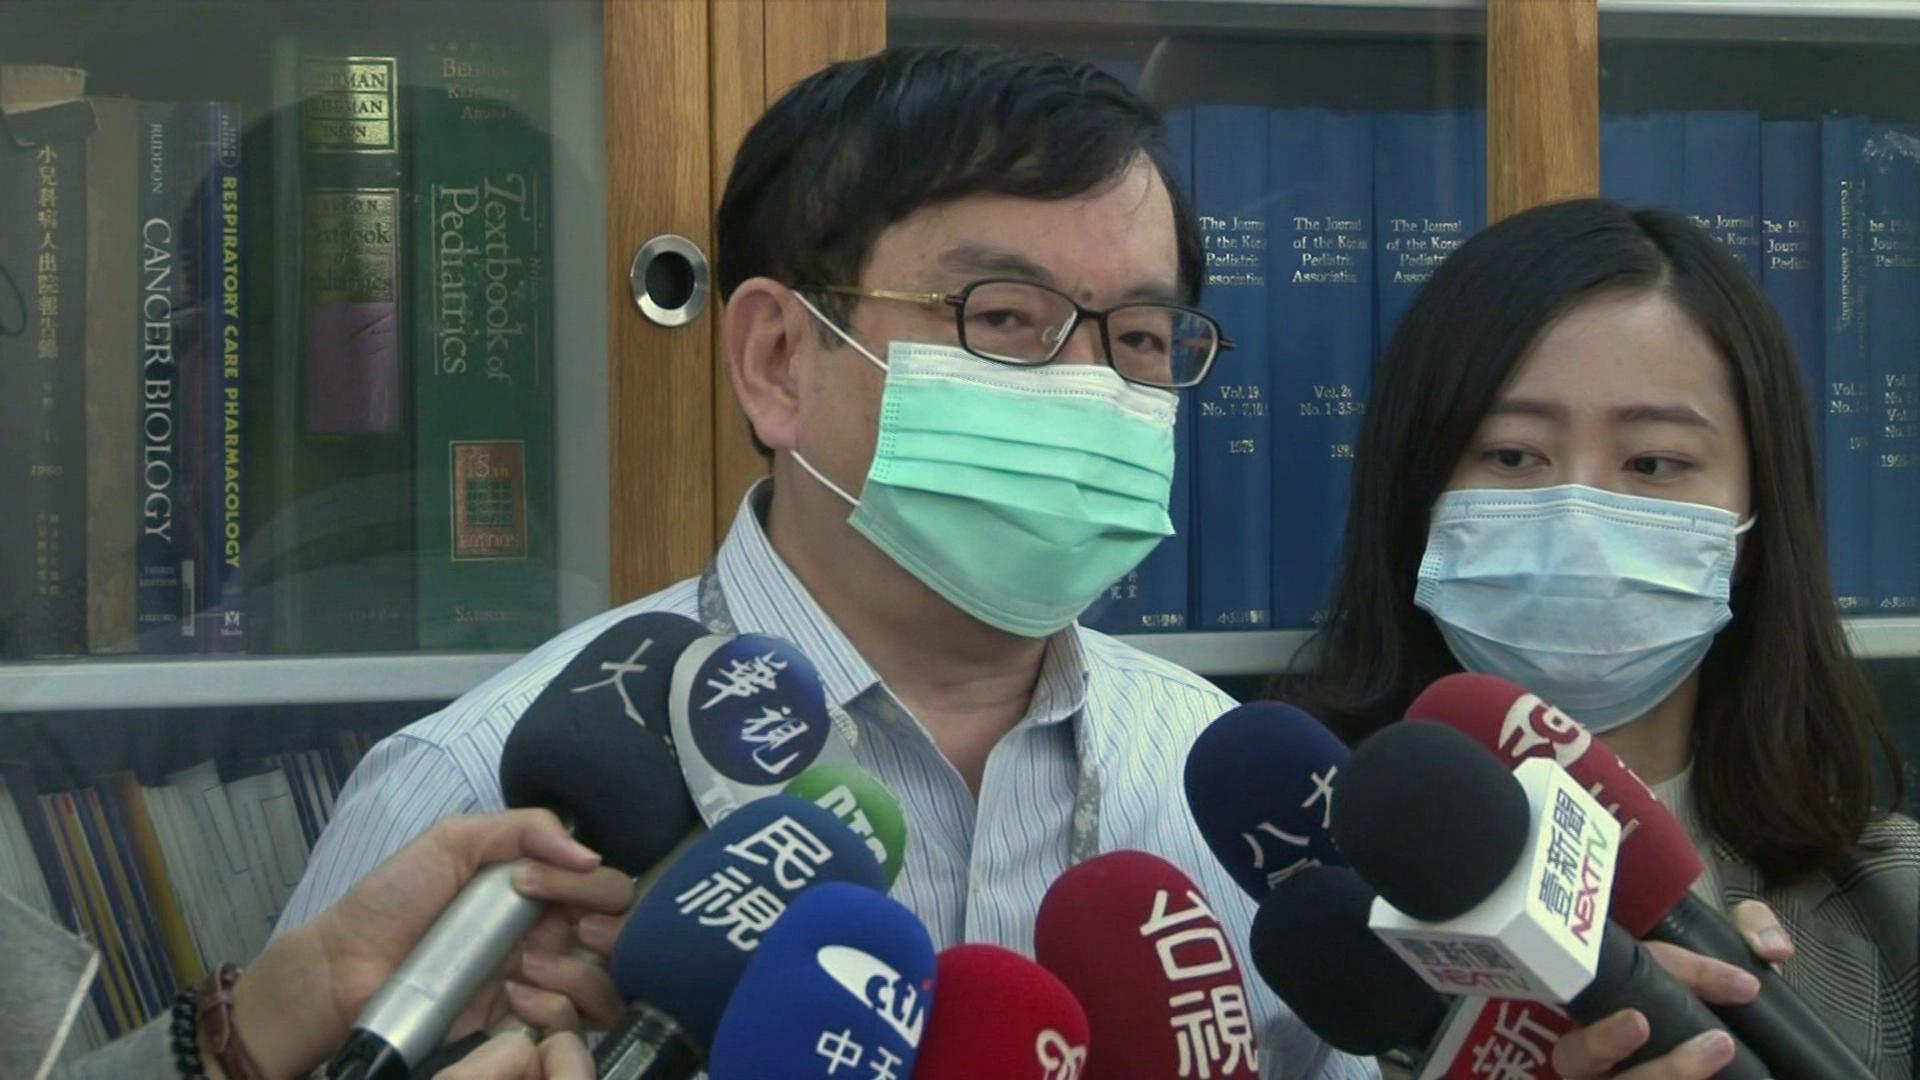 南韓疫苗出包!?台灣醫師黃立民懷疑韓國「社區流行病毒」